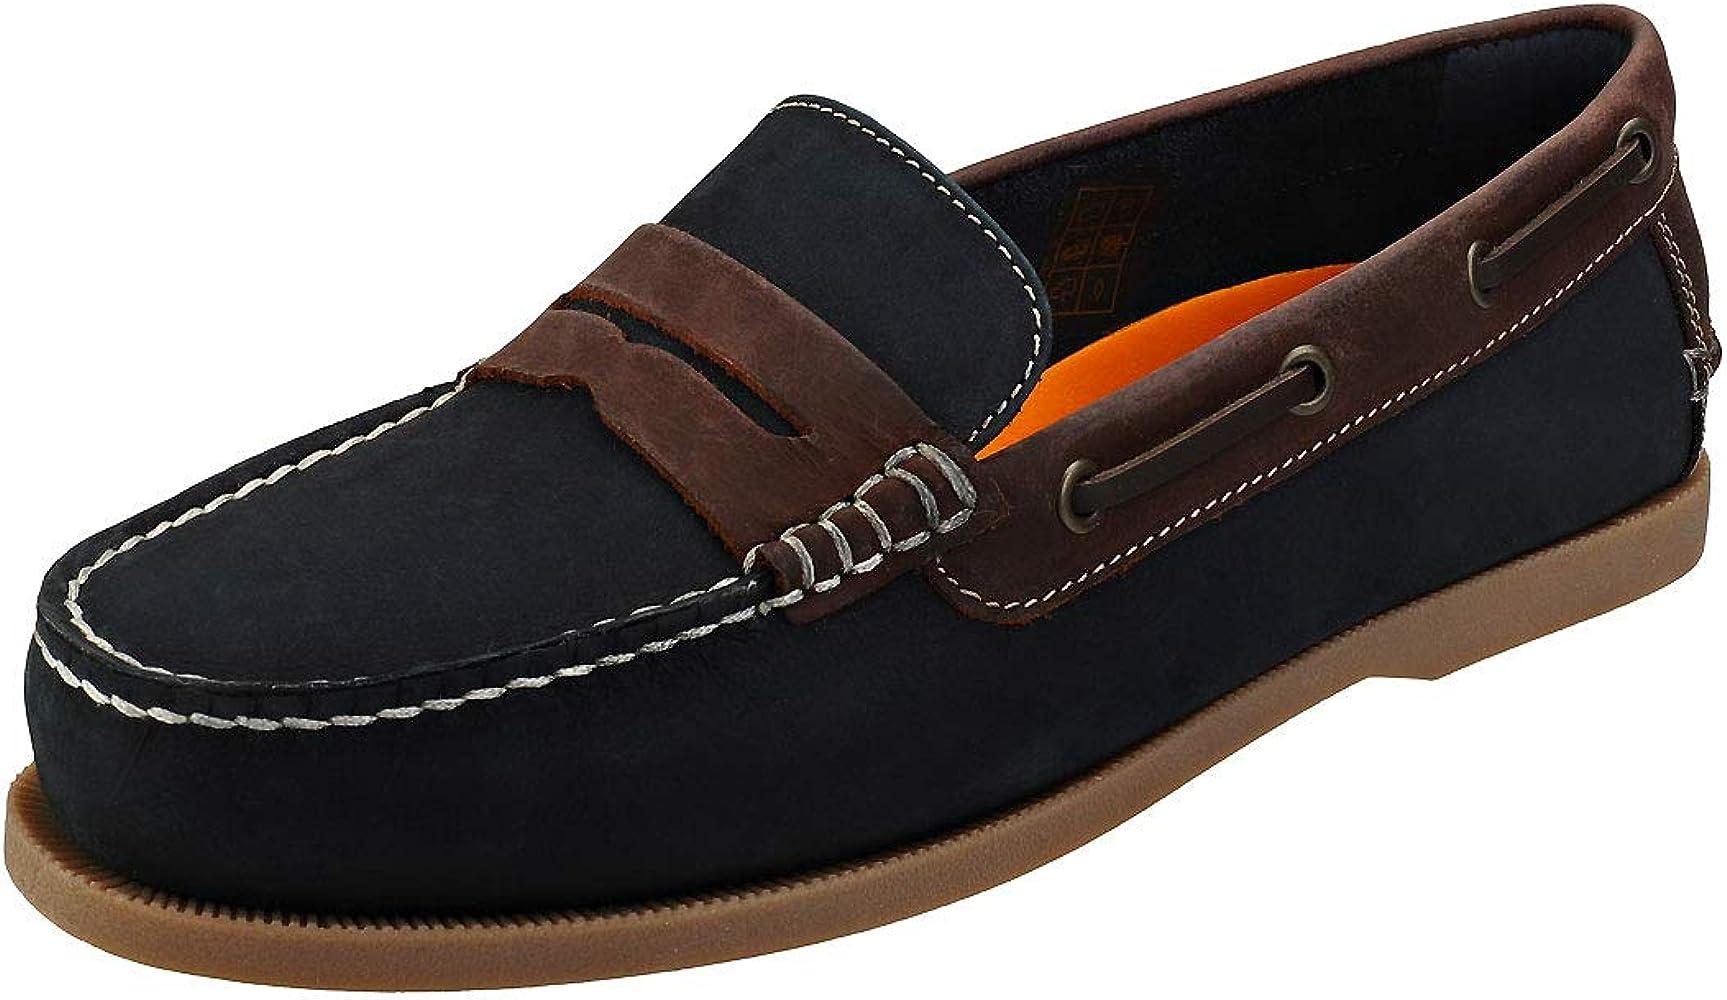 Hunt Salvadore Mens Boat Shoes